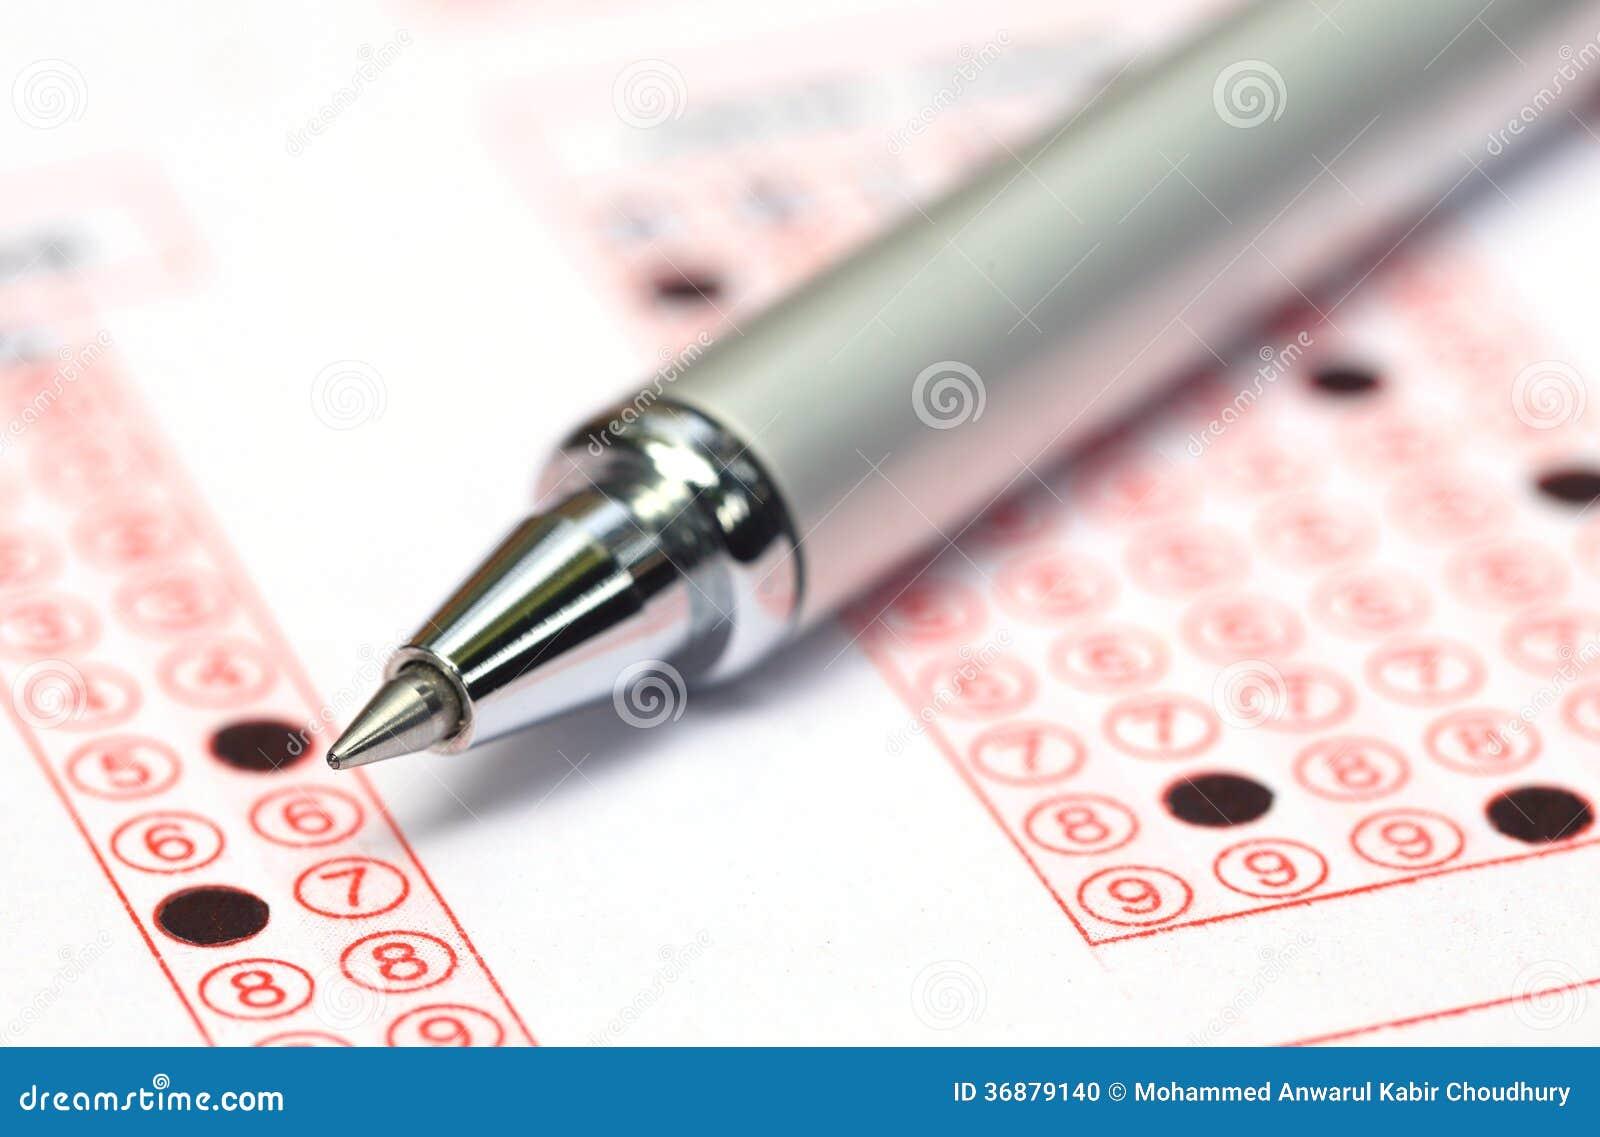 Download Modulo Di Iscrizione Di Riempimento Fotografia Stock - Immagine di foglio, cerchio: 36879140